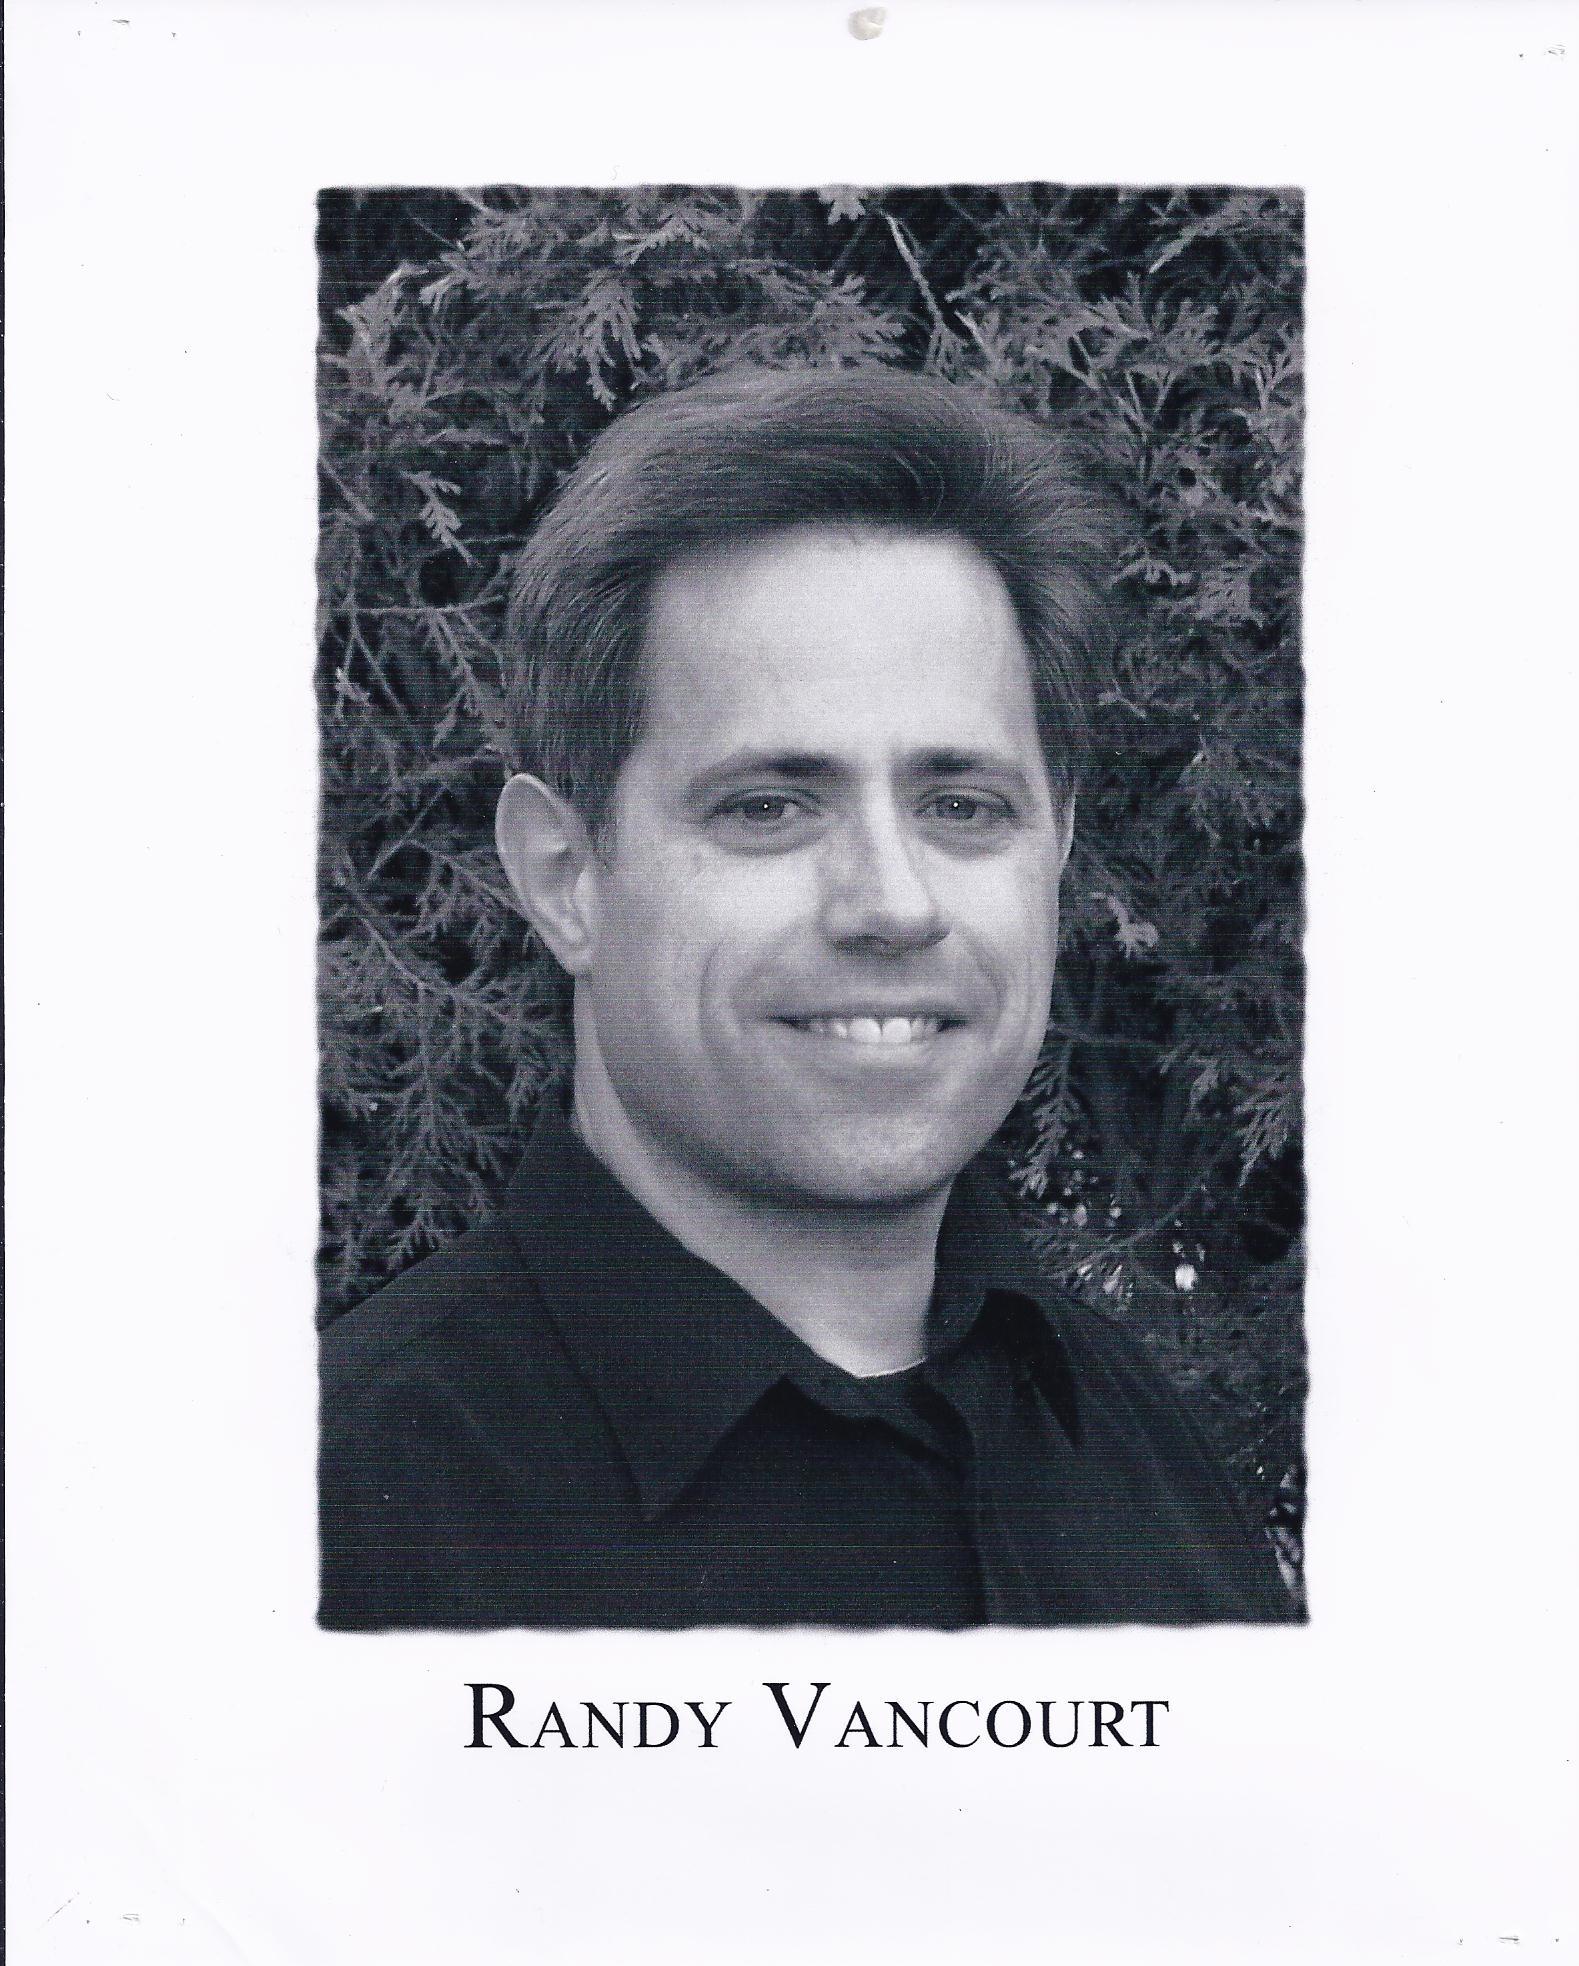 Randy Vancourt